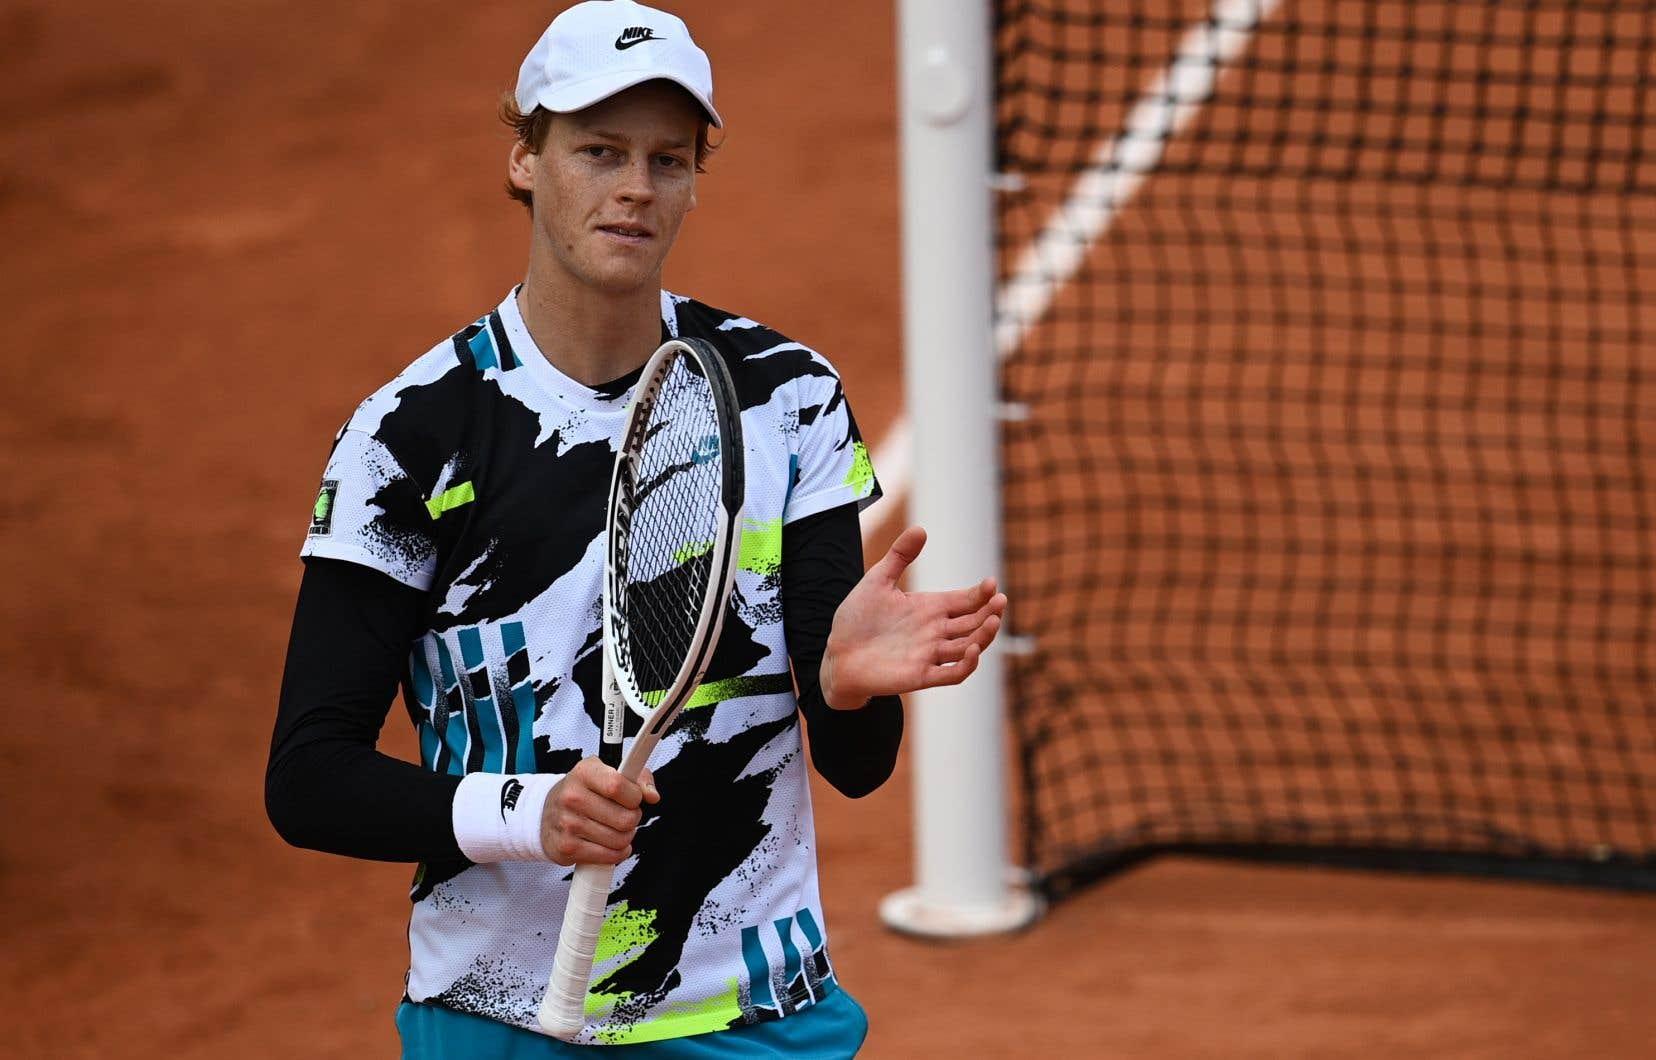 À 19ans, Jannik Sinneraccède pour la première fois aux quarts de finale d'un tournoi du Grand Chelem et il y affrontera le roi de Roland-Garros, Rafael Nadal.